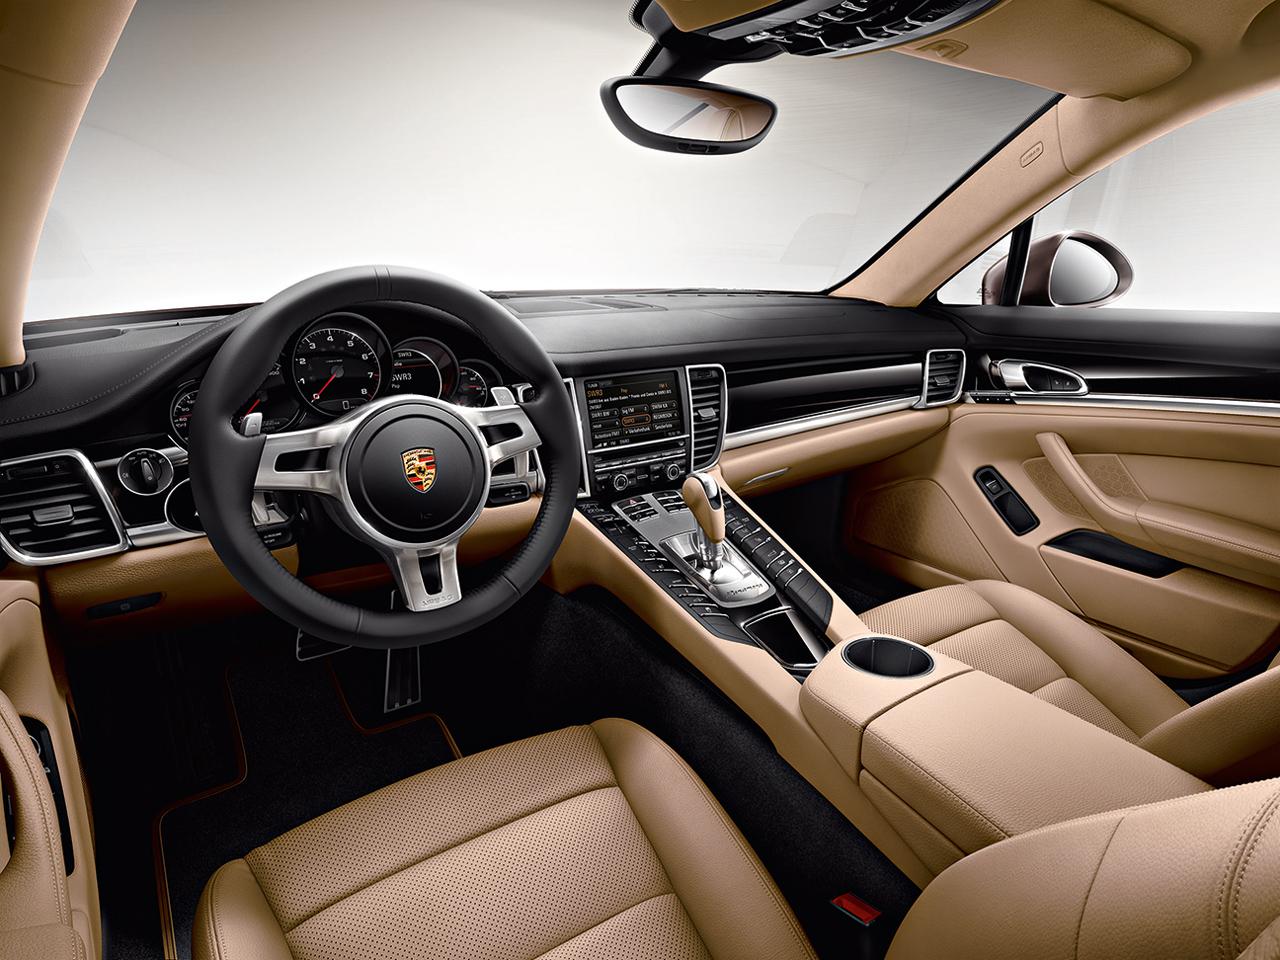 Porsche Panamera Platinum Edition 2013 interior